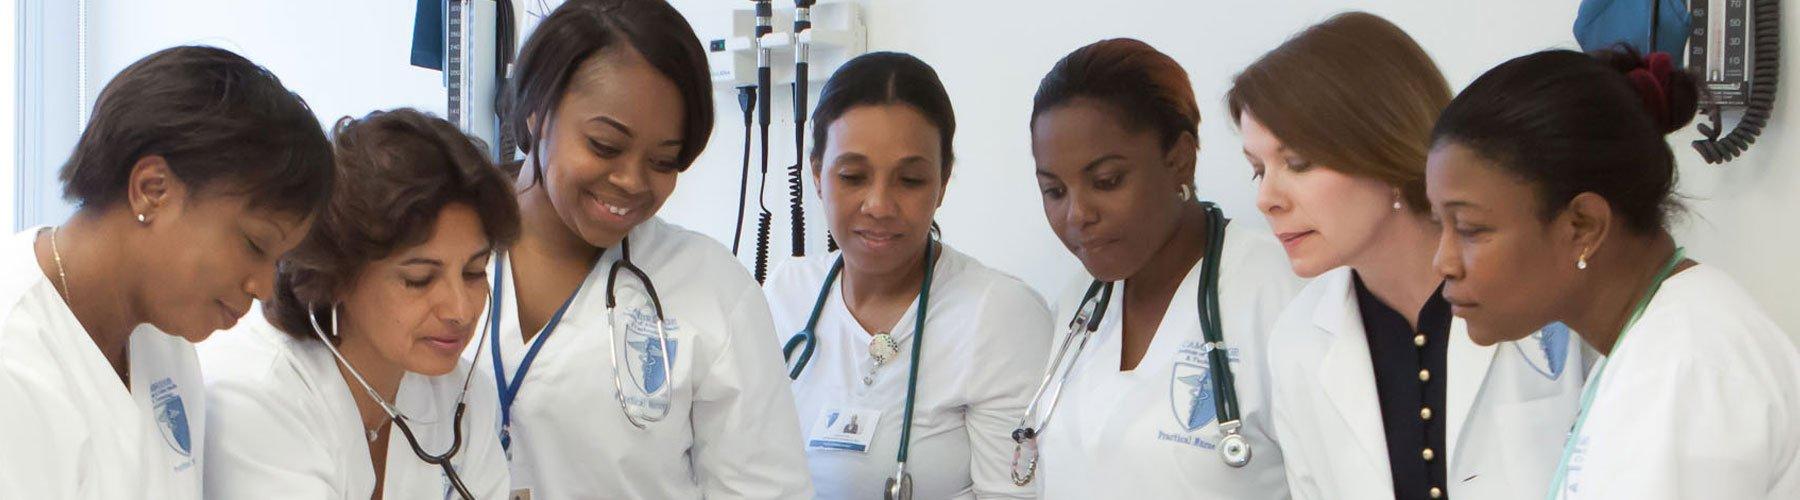 Iamp Medical Training School In West Palm Beach Fl Cambridge